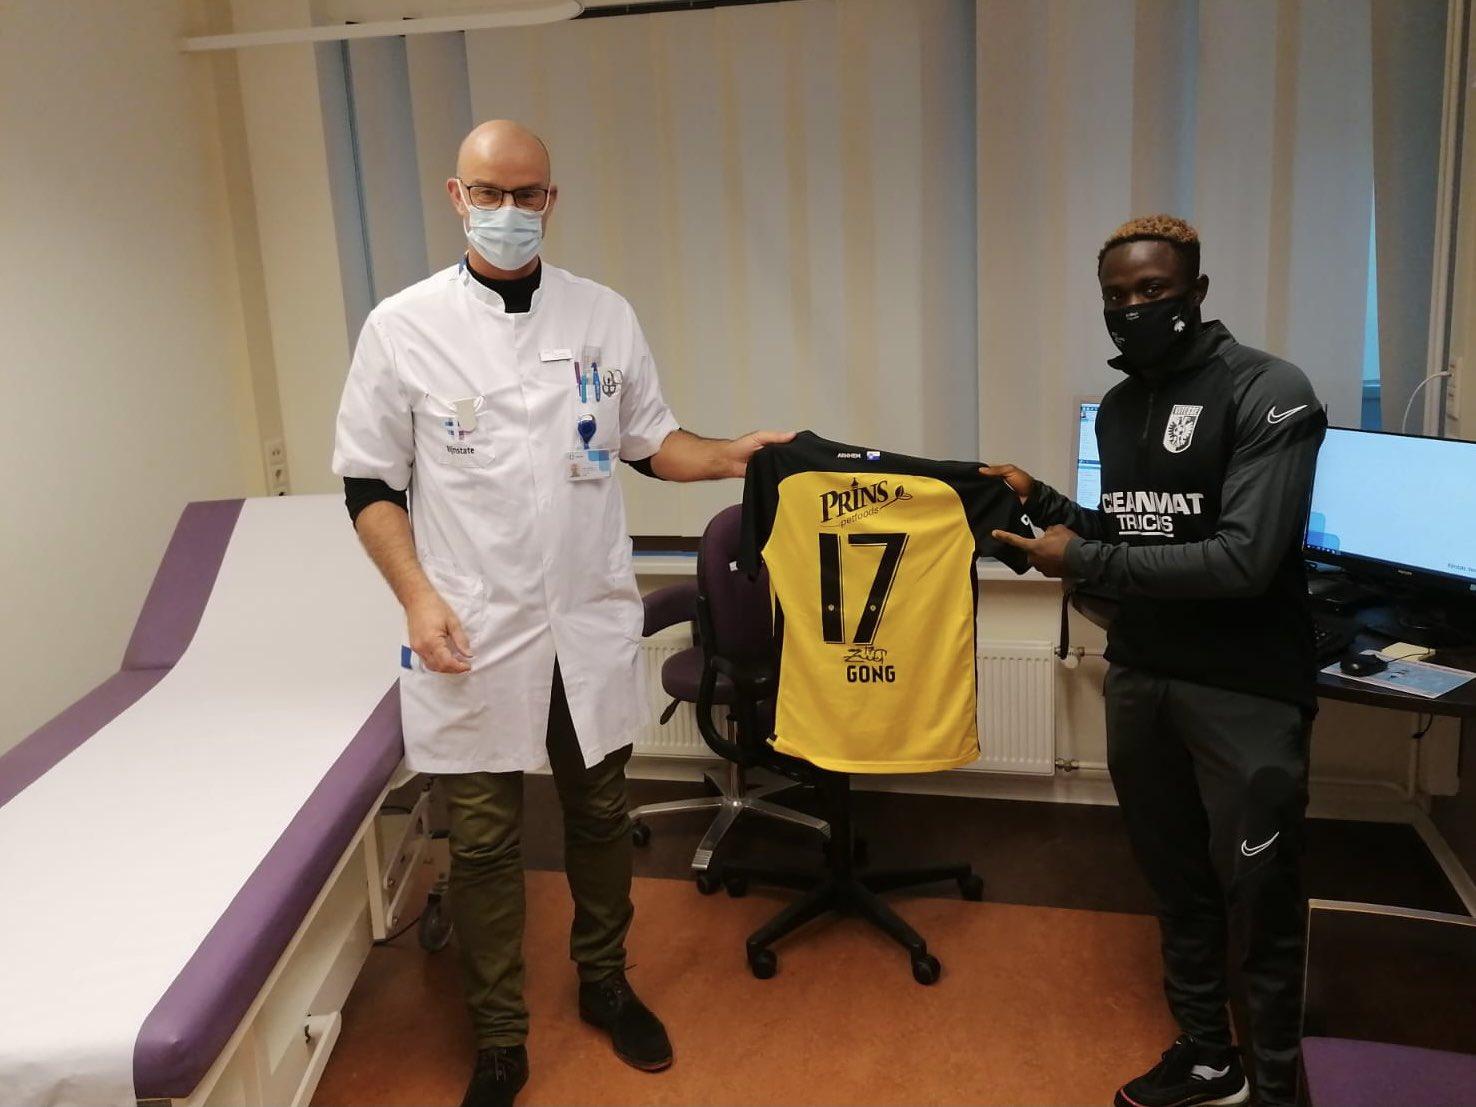 Hilary Gong is 🔙  Hij bracht een bezoek aan @Rijnstate om zijn orthopedisch chirurg te bedanken 🙏🏾👨🏼⚕️  #Vitesse https://t.co/UKkcyz1DTa